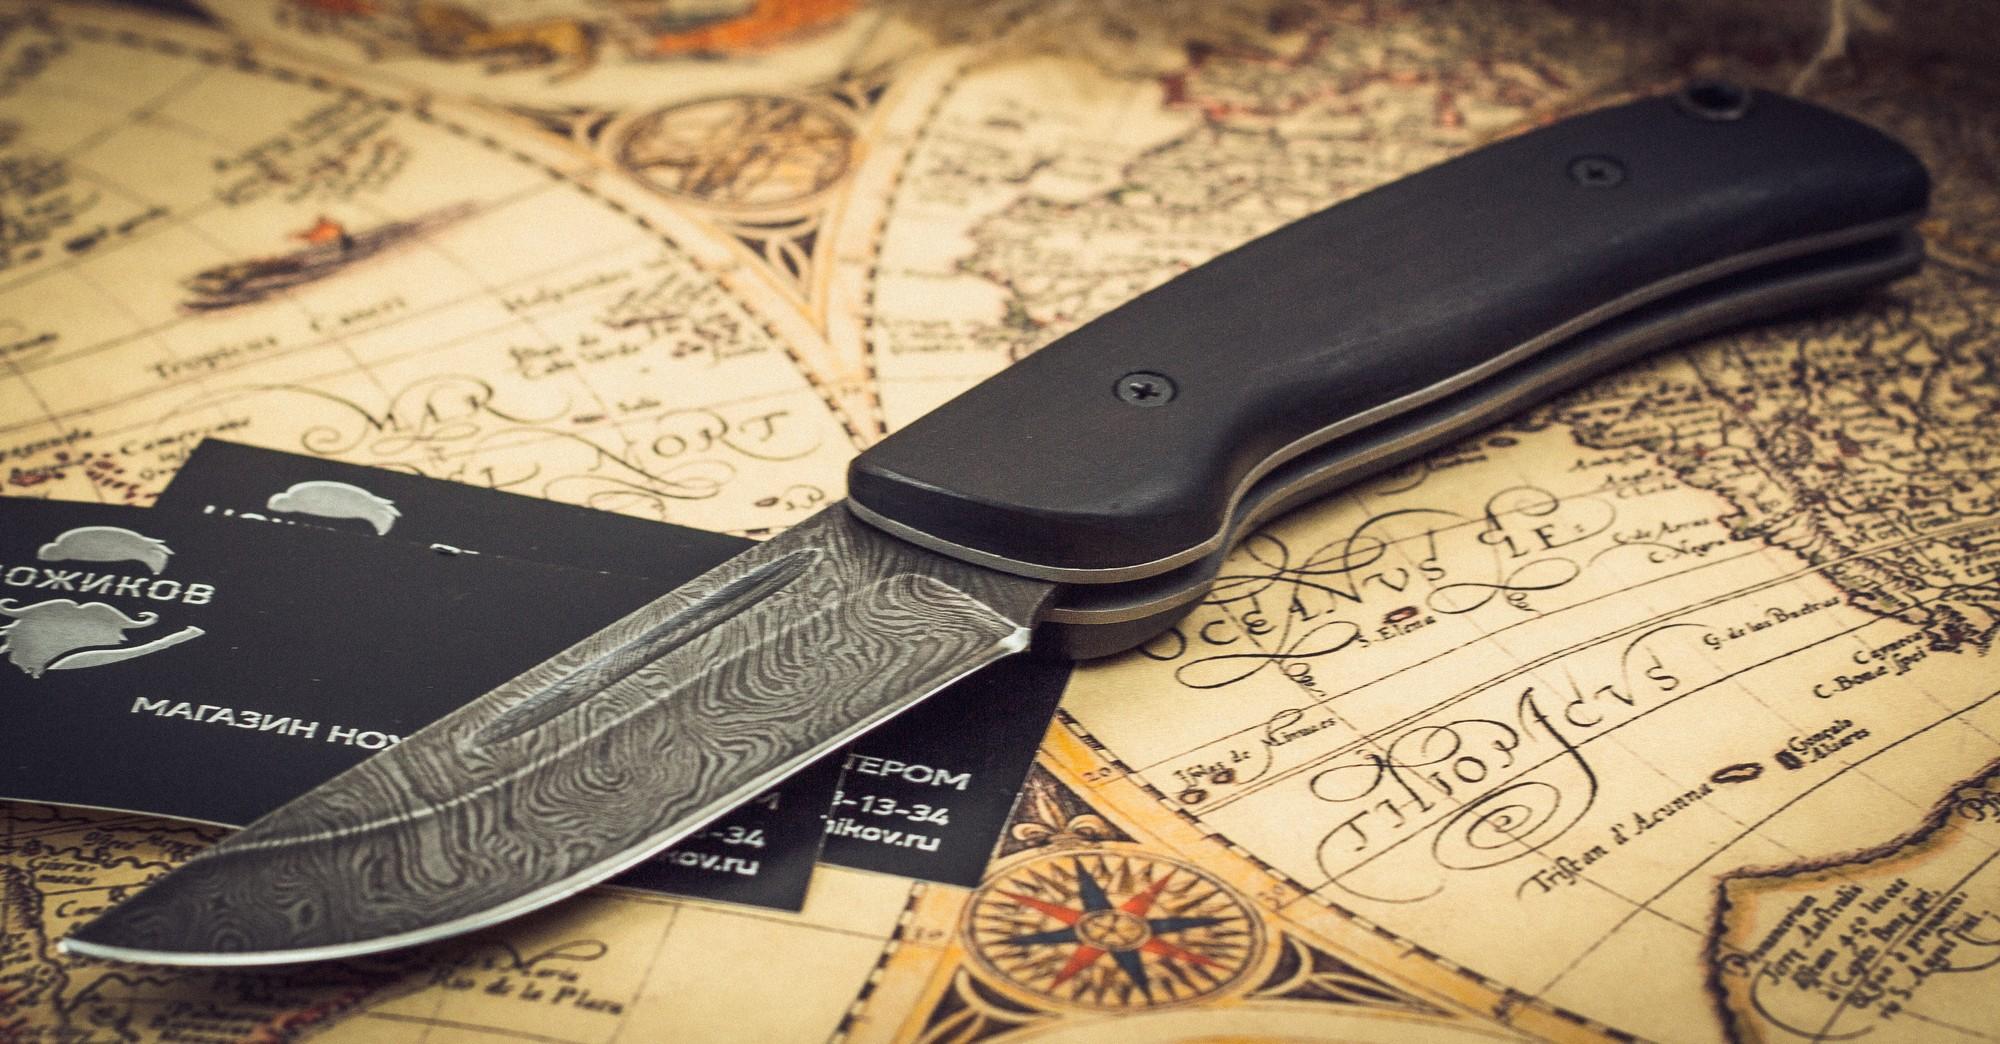 Фото 2 - Складной нож Морвин, дамаск, граб от Марычев